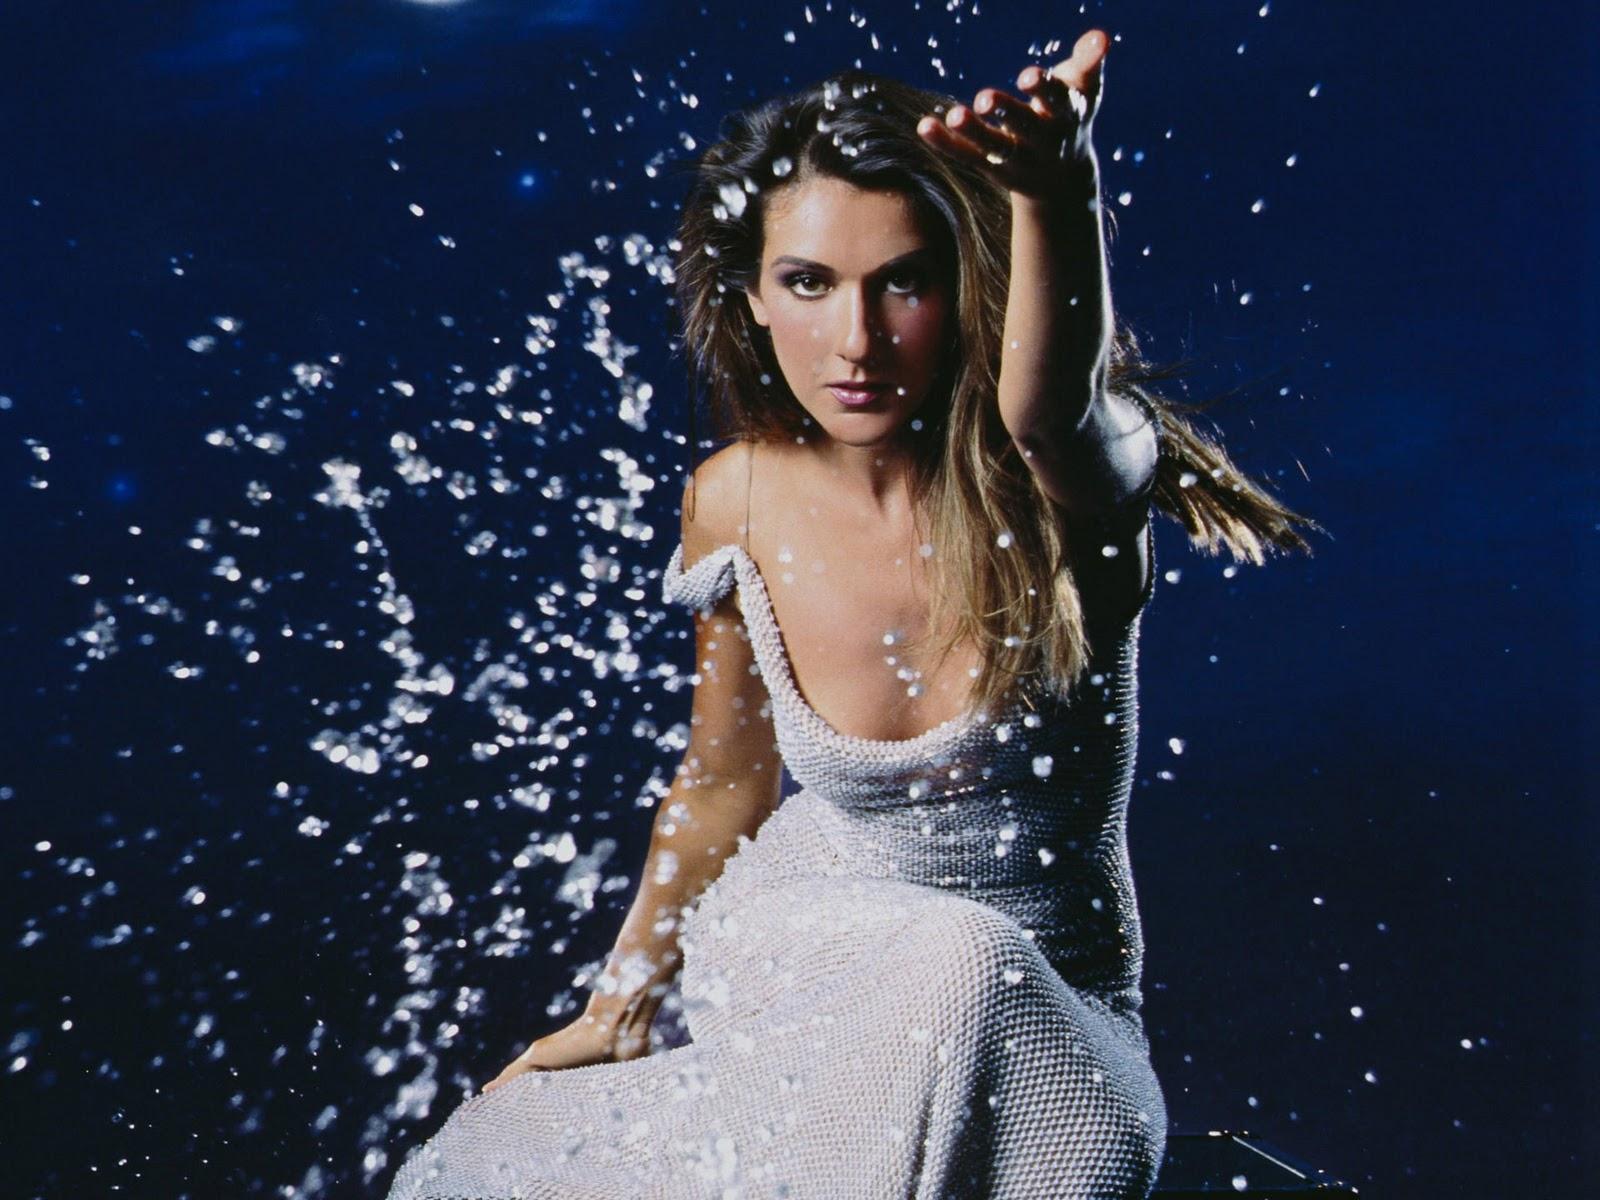 http://1.bp.blogspot.com/_V6TVDECge74/TGuHWx8C4_I/AAAAAAAABDA/hq8KunPog1w/s1600/Celine_Dion.jpg